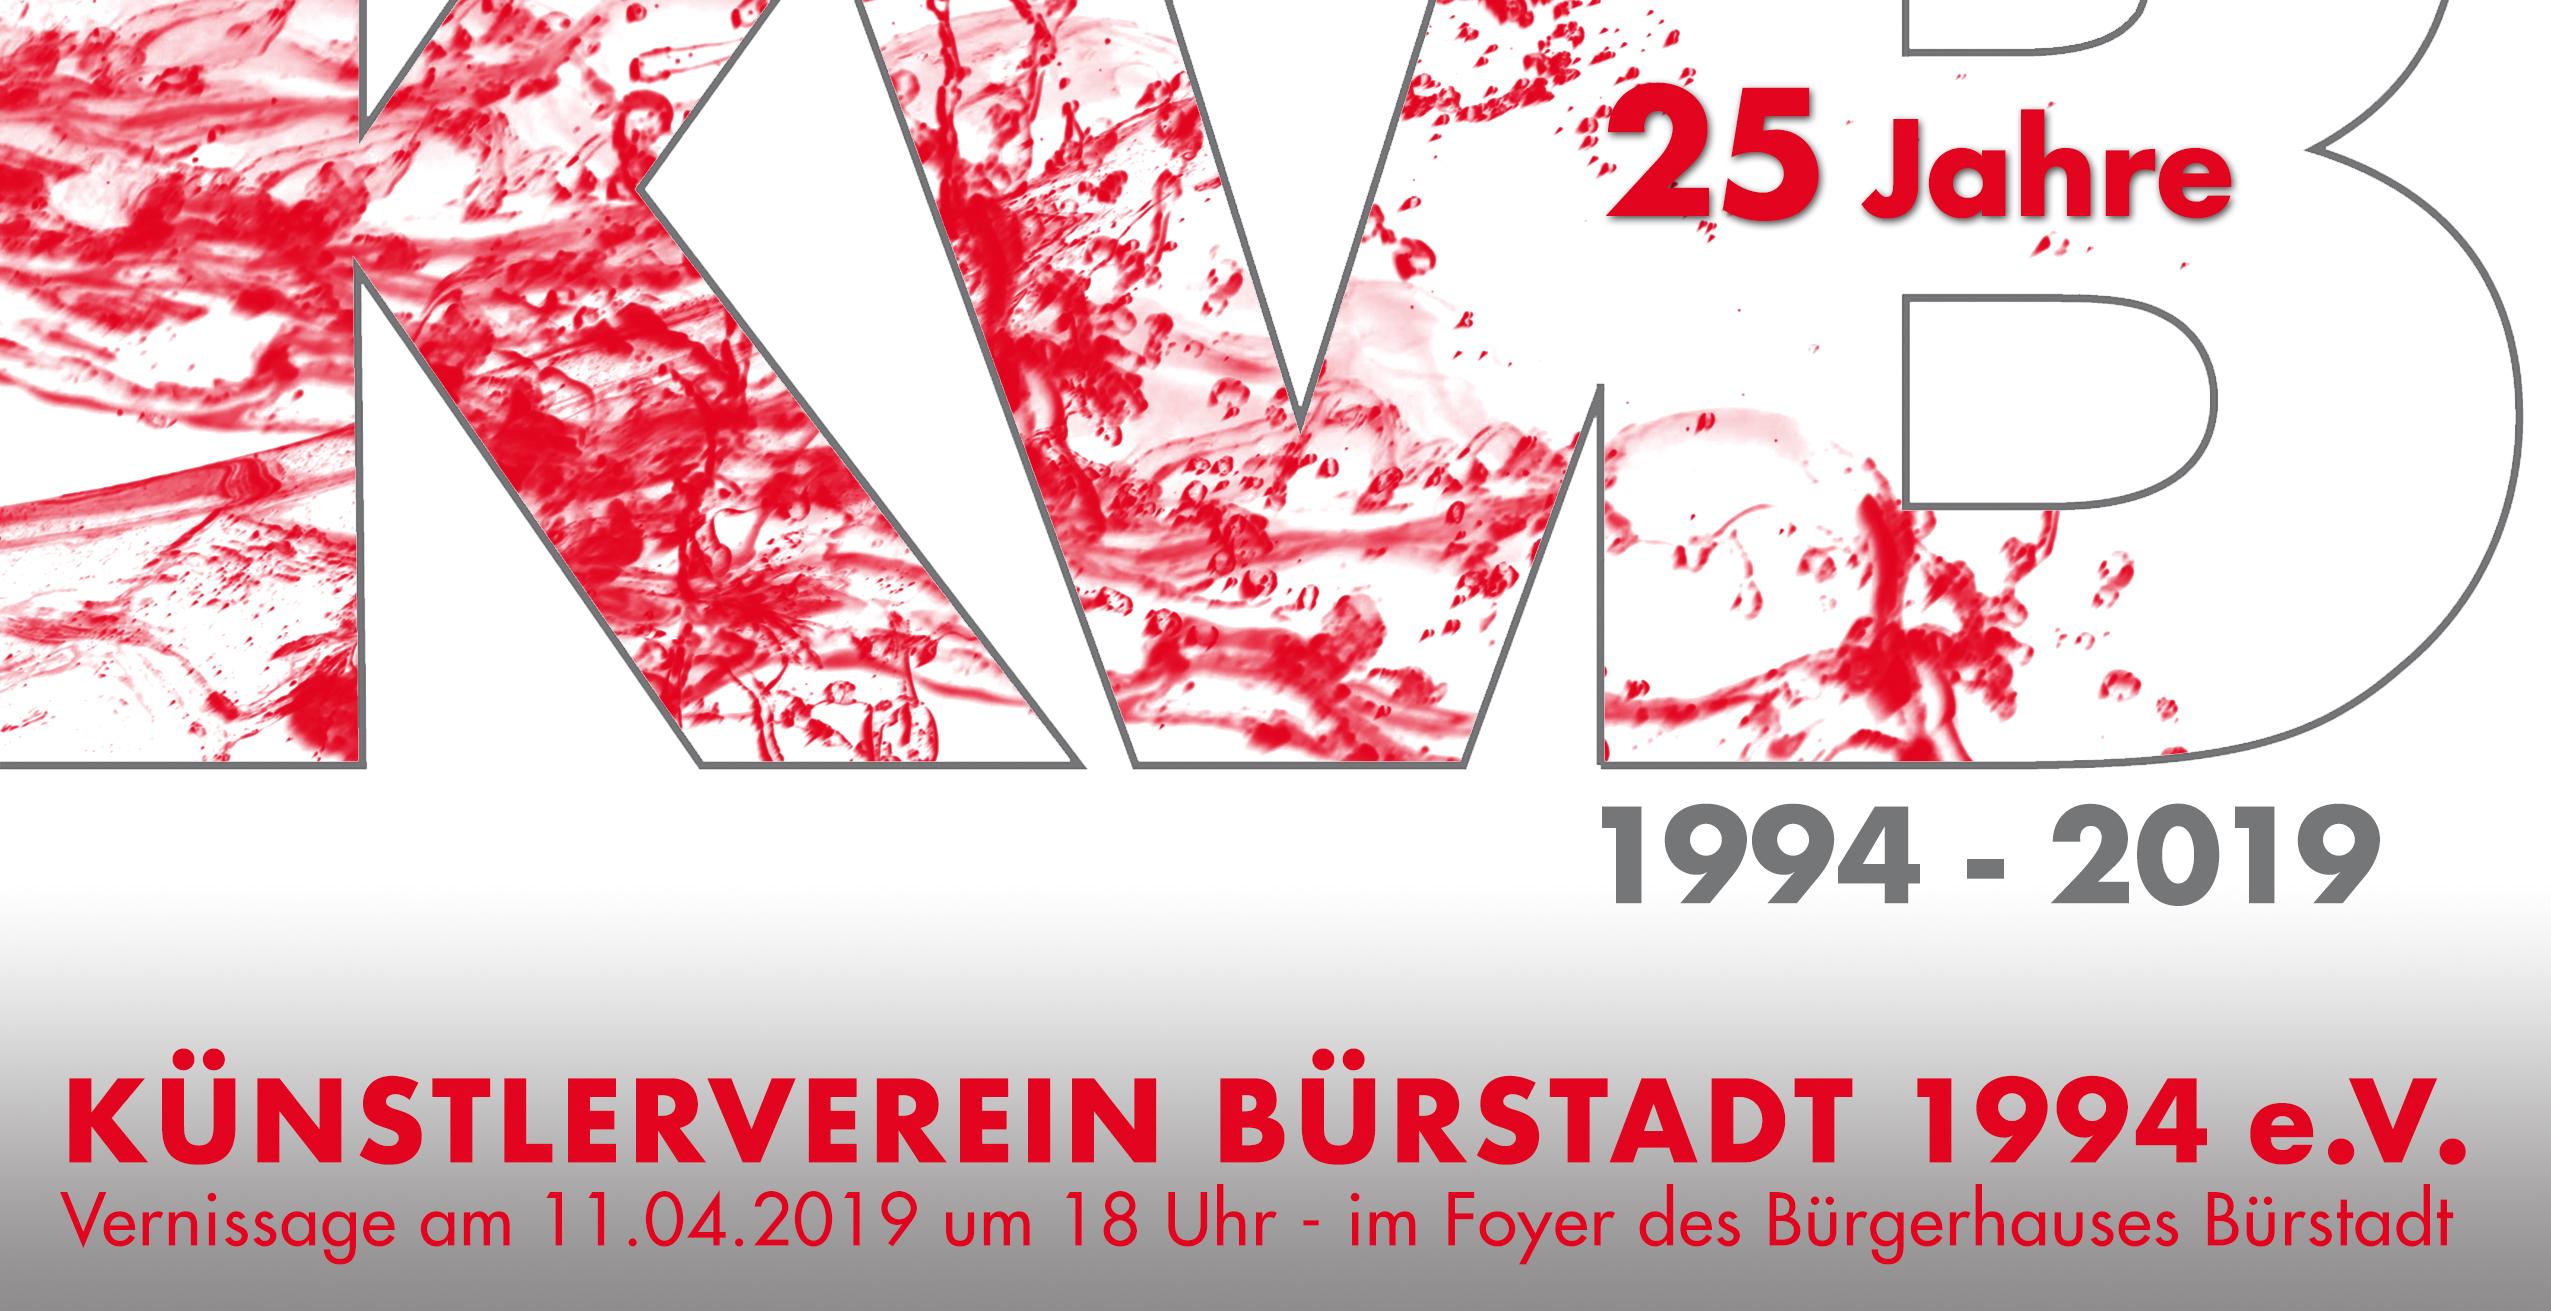 25 Jahre KVBFlyer